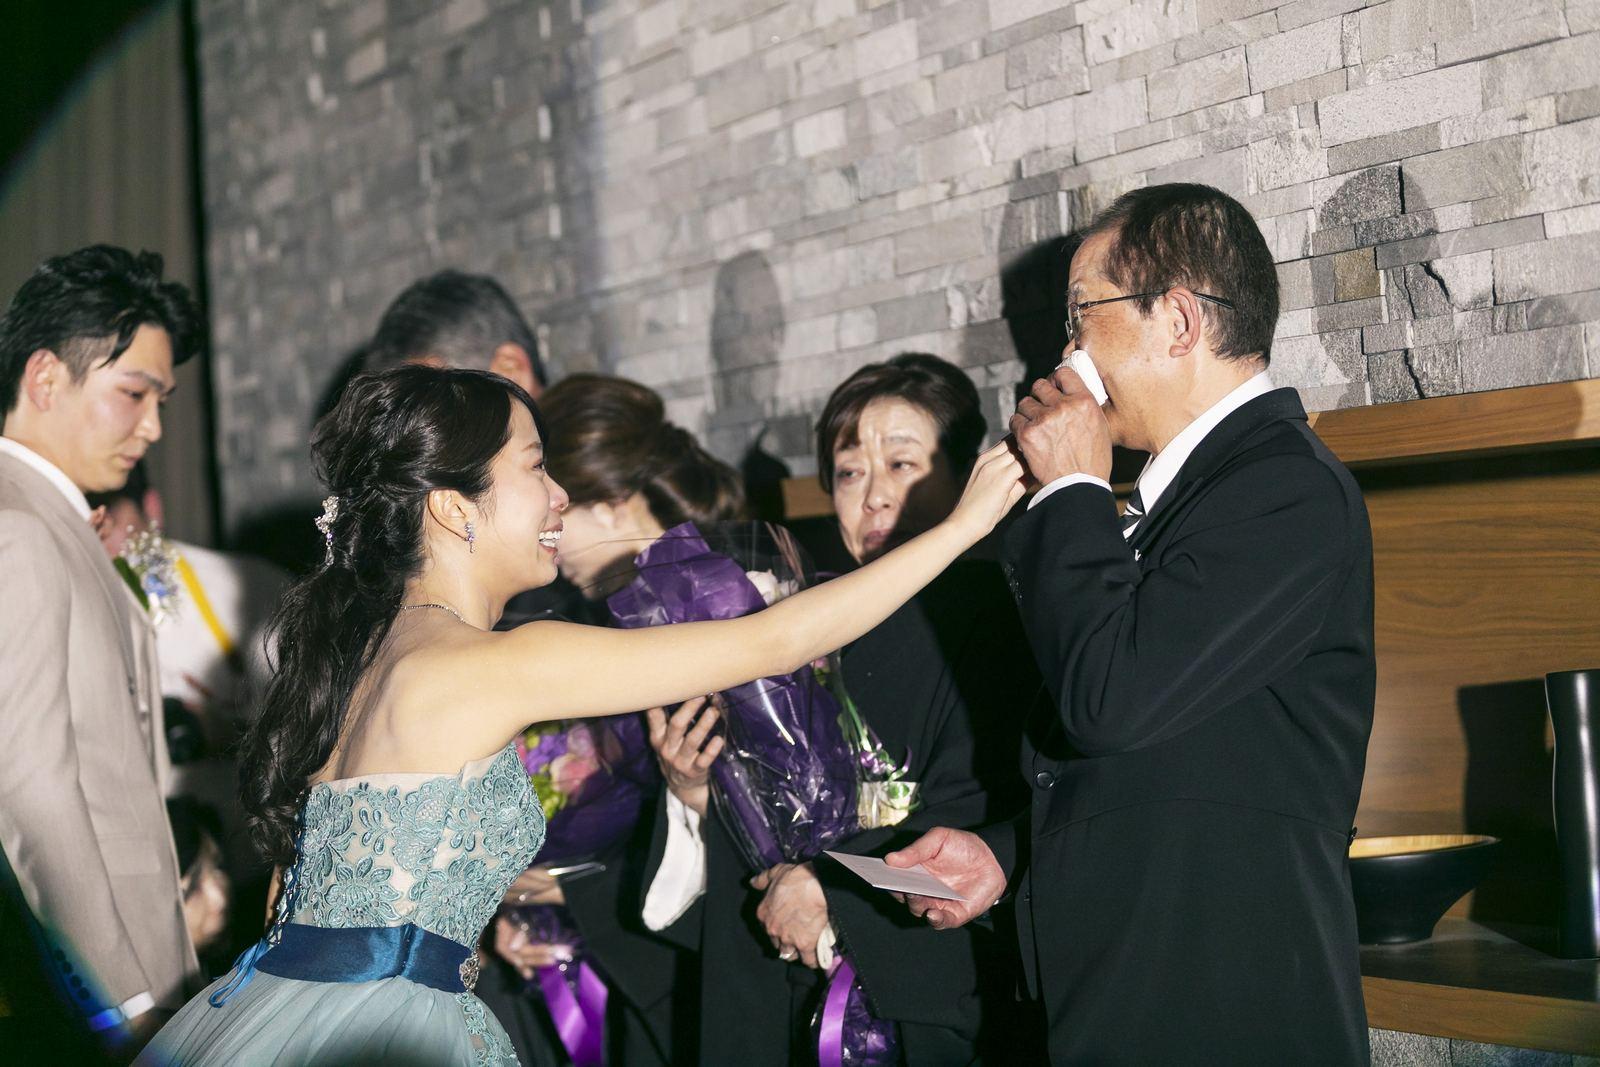 高松市の結婚式場アナザースタイルの披露宴会場で両親に花束贈呈